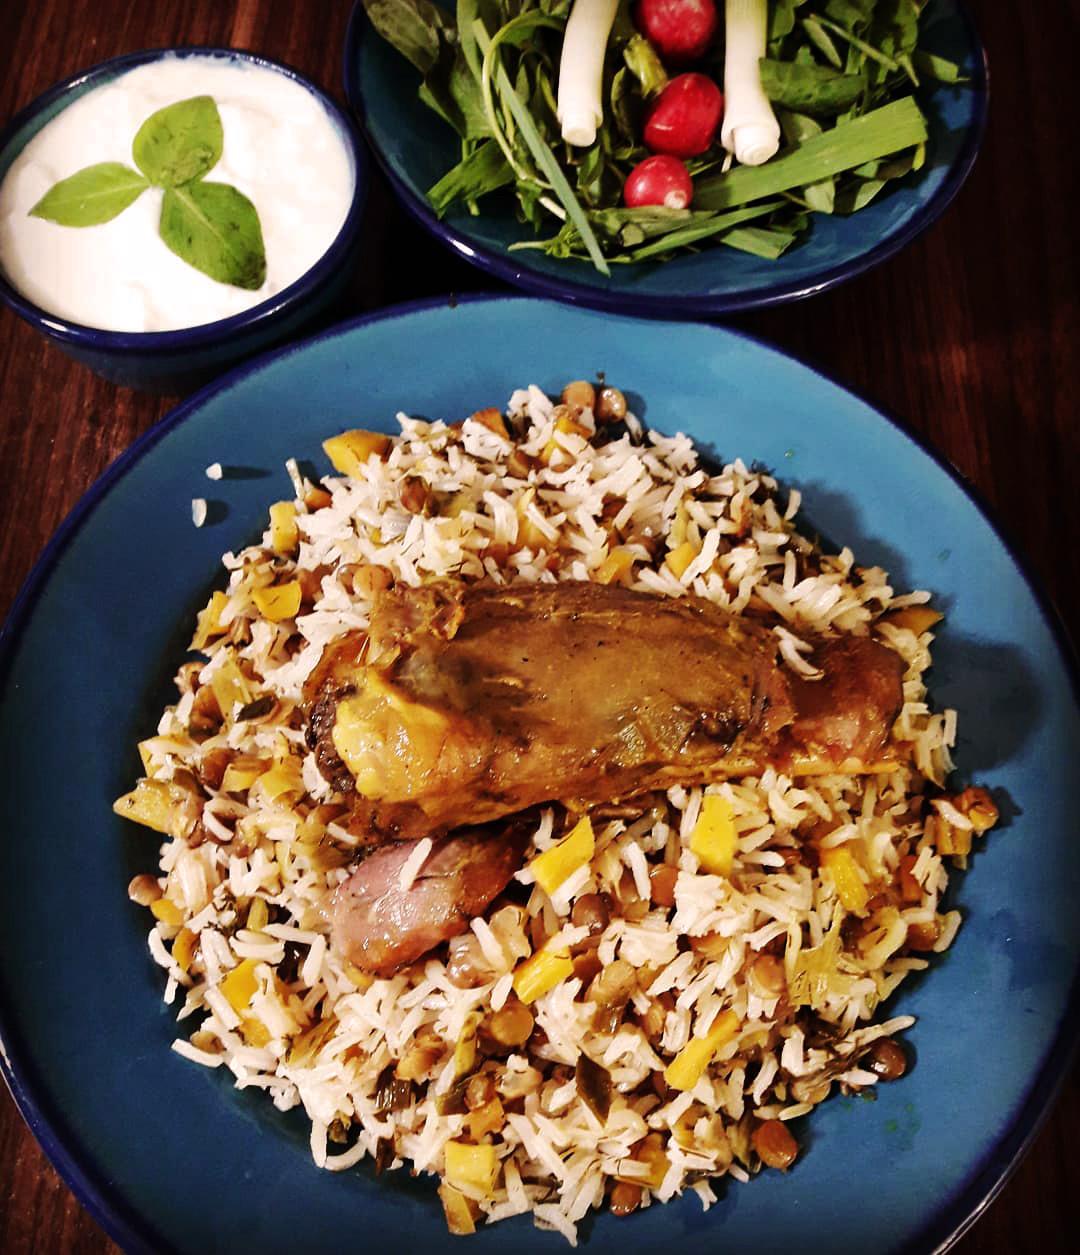 طرز تهیه نرگسی پلو [دمپختک سیر] خوشمزه و عالی به روش شیرازی